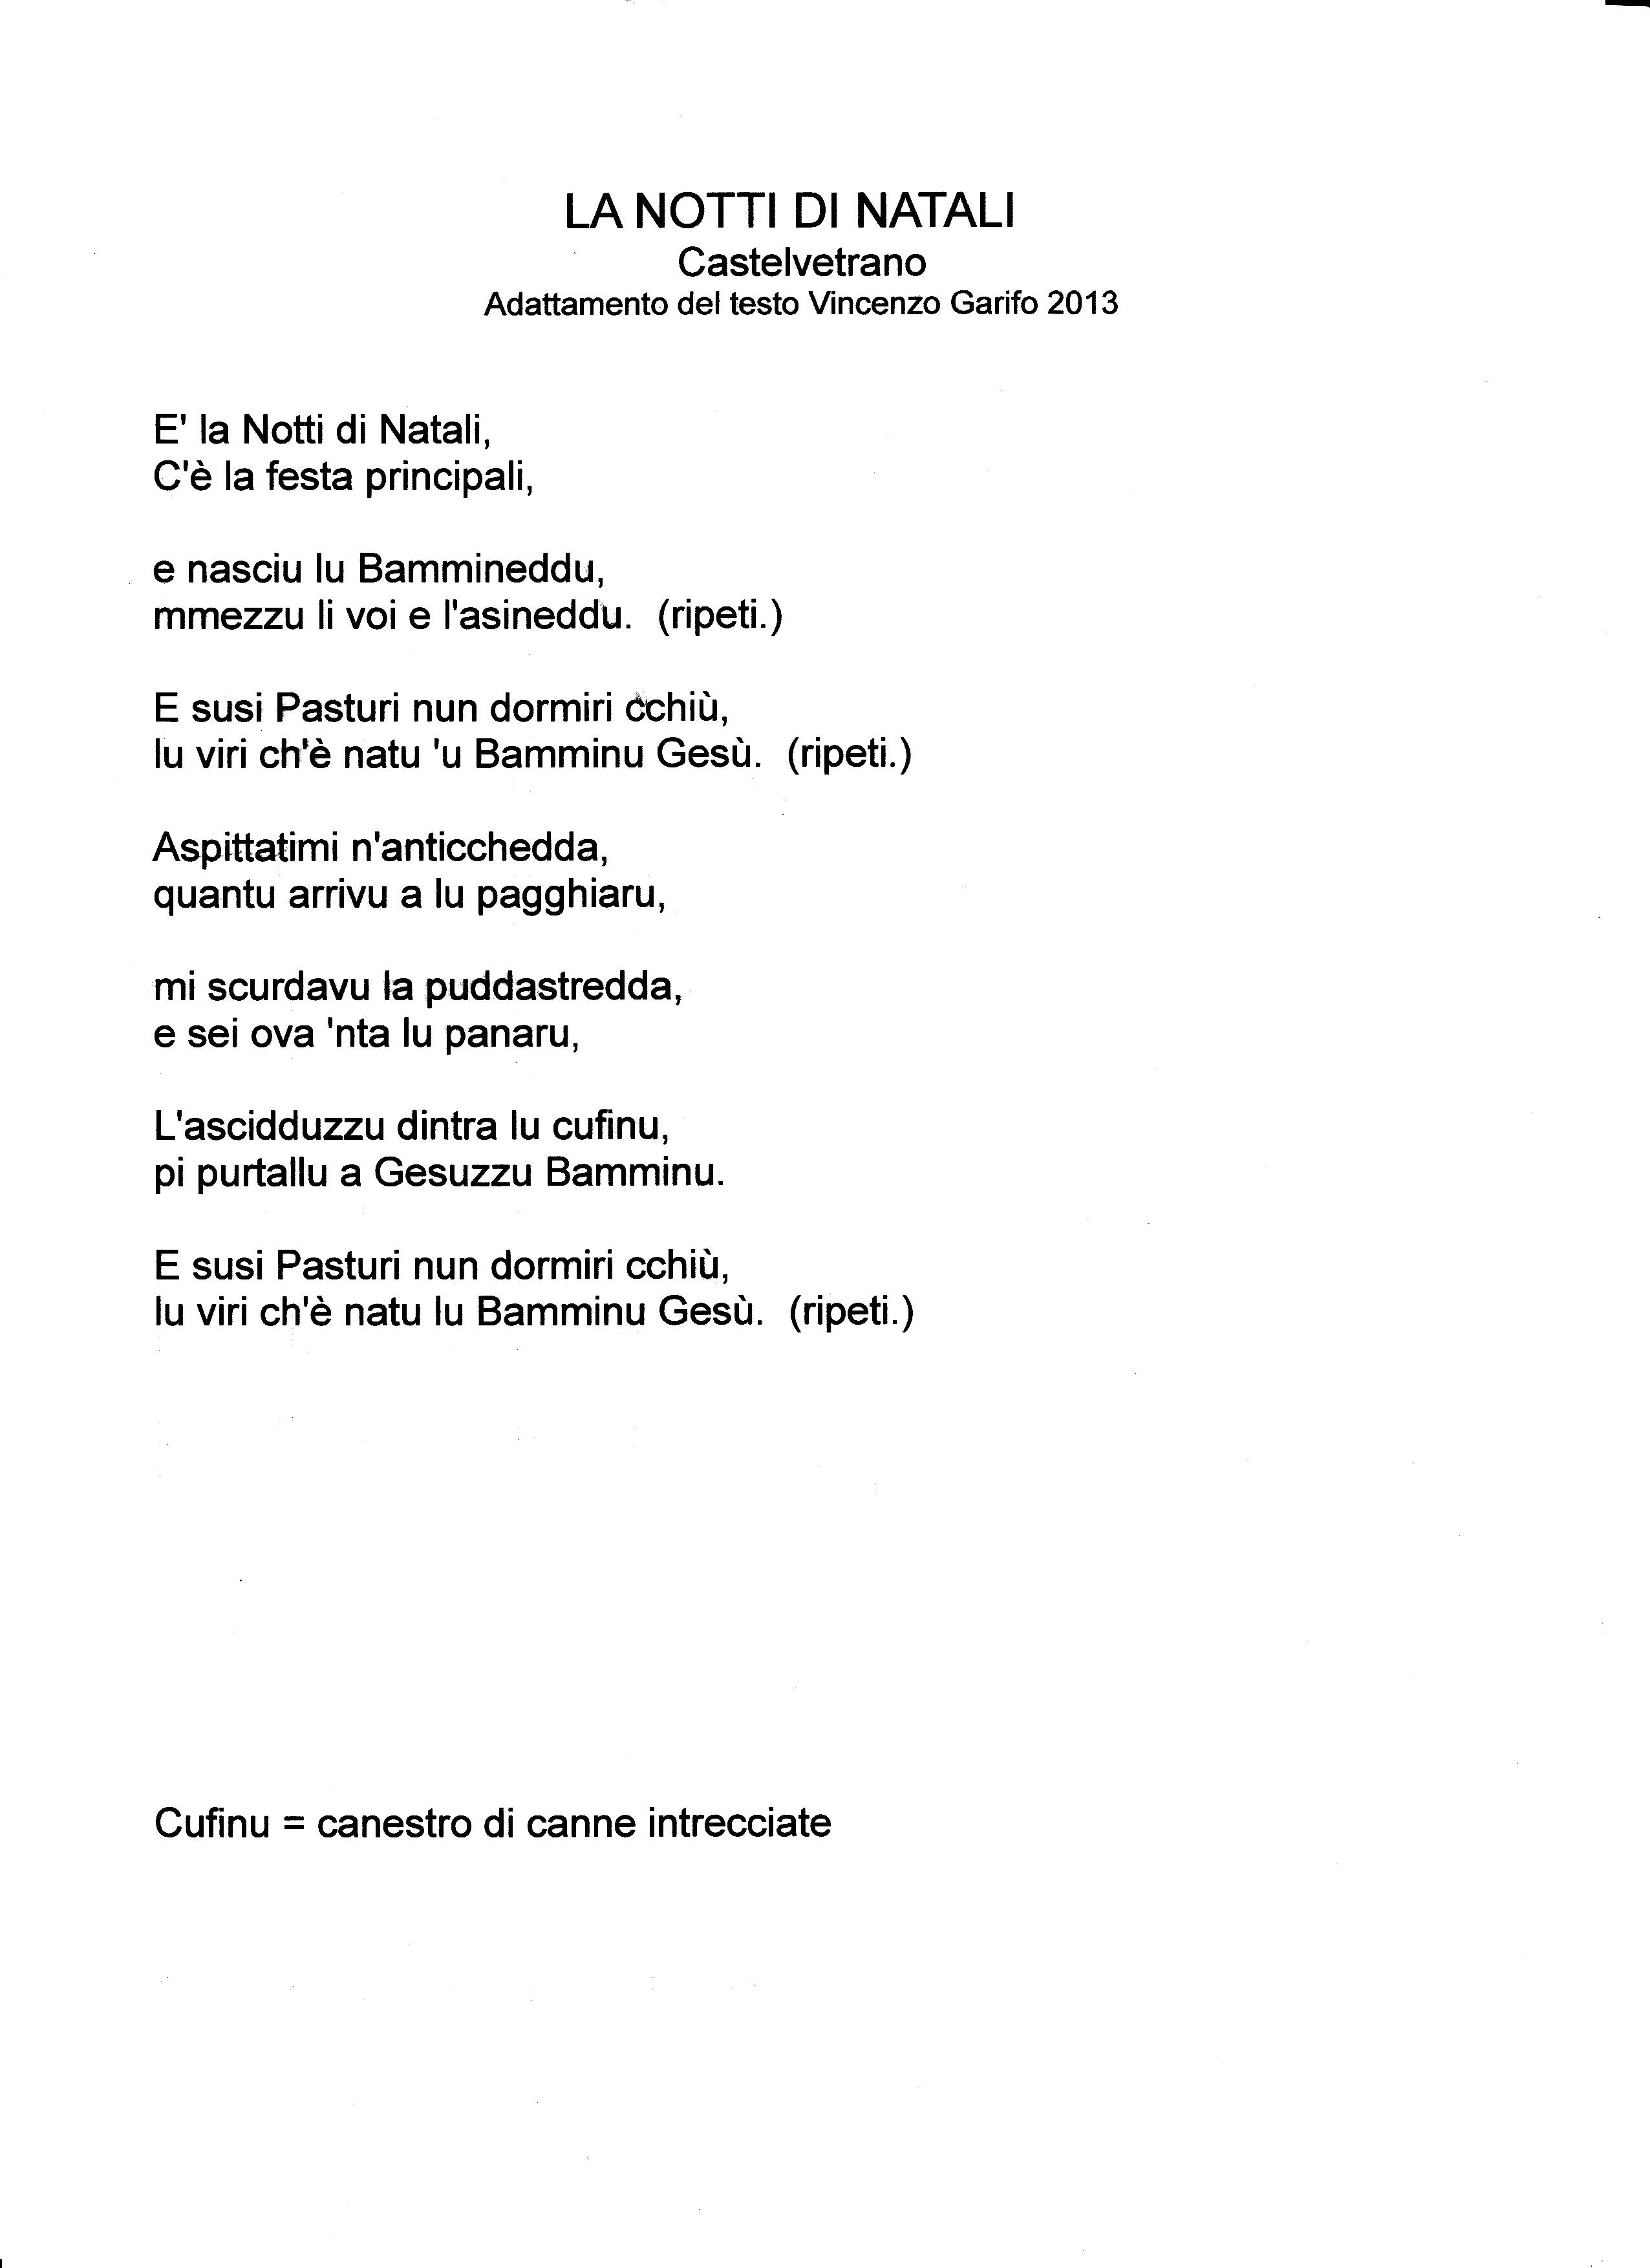 LA NOTTI DI NATALI CASTELVETRANO (2)